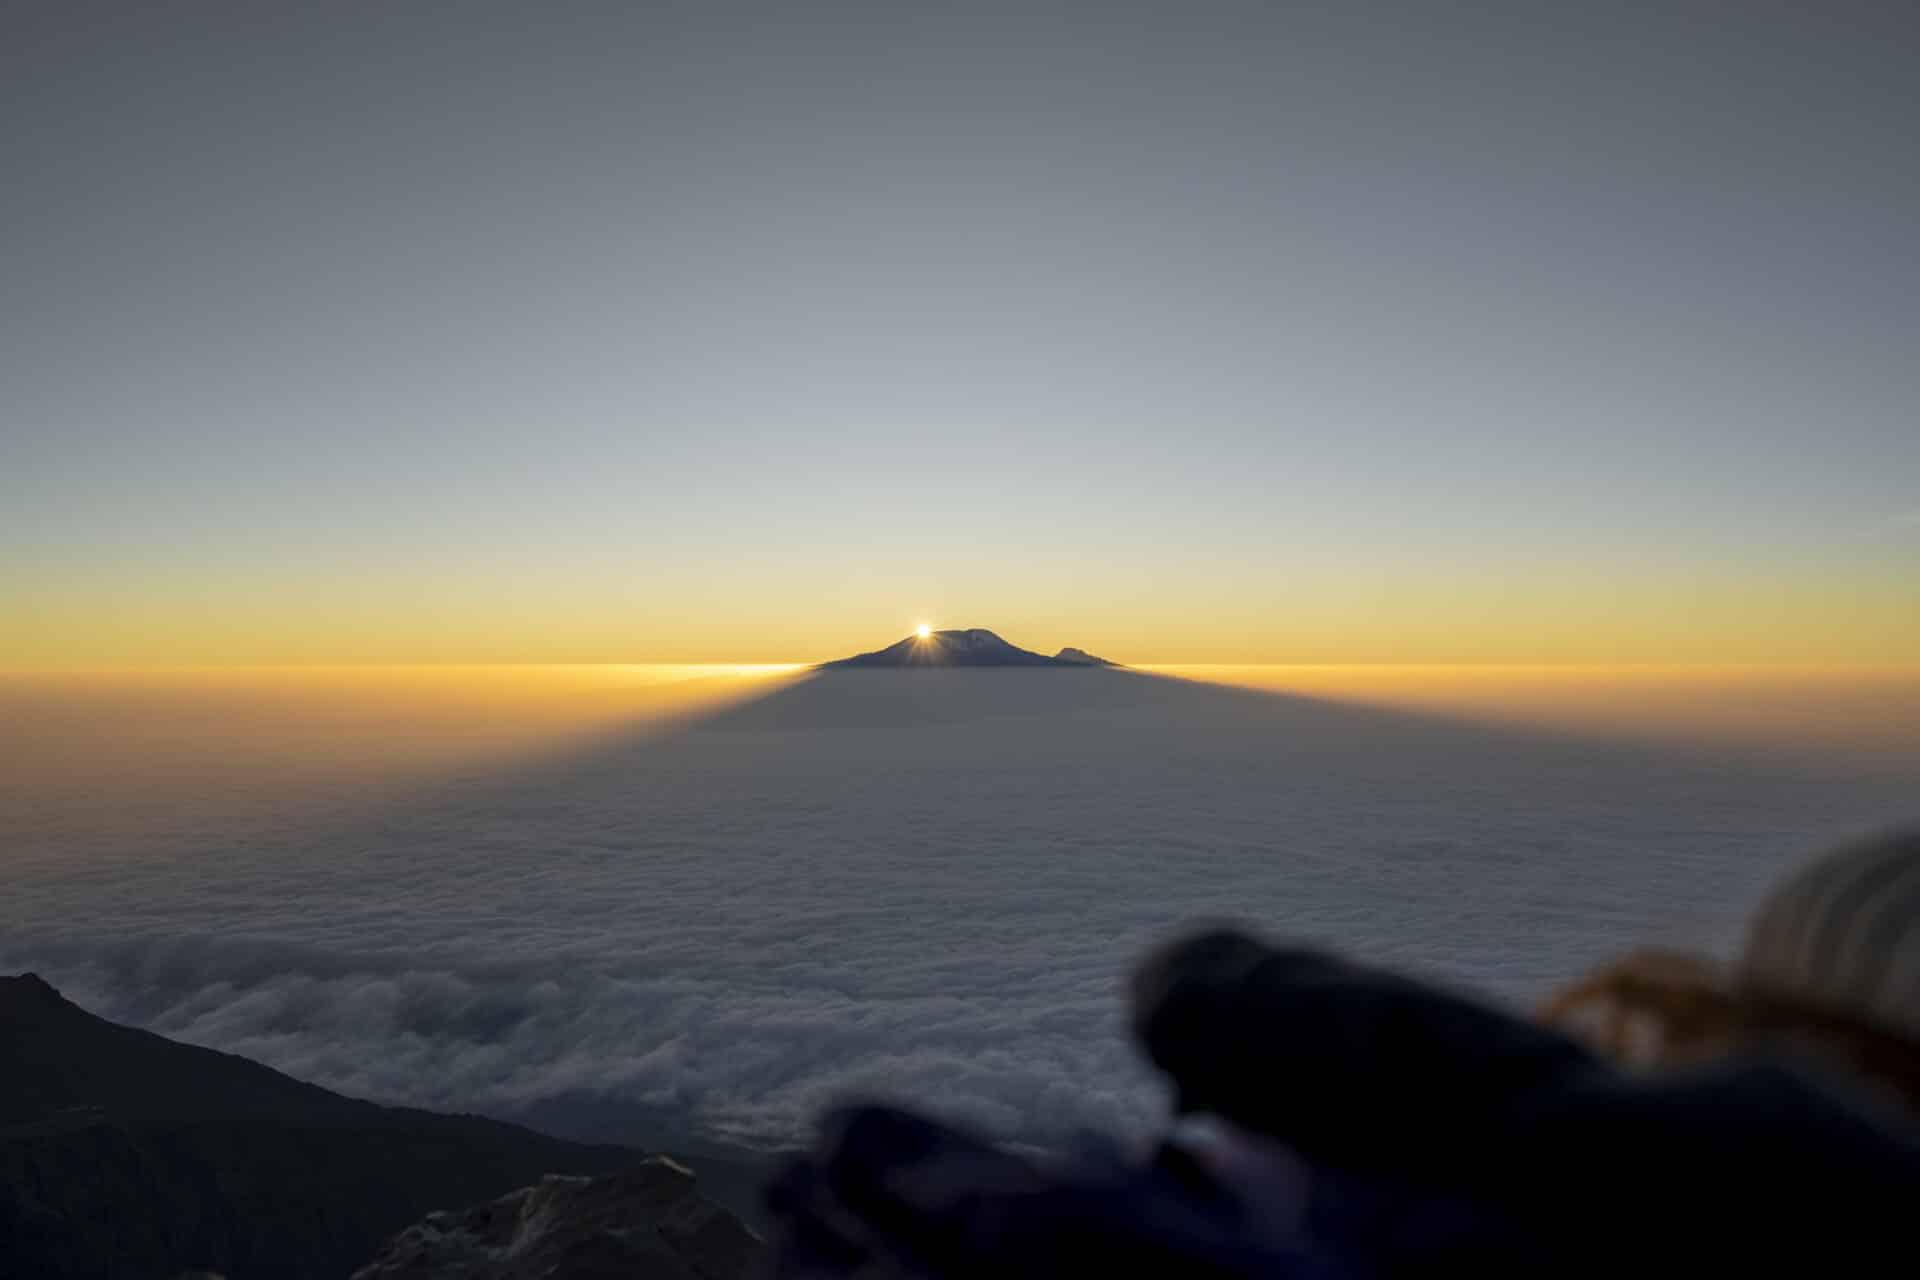 Summit of Kilimanjaro from Mt Meru